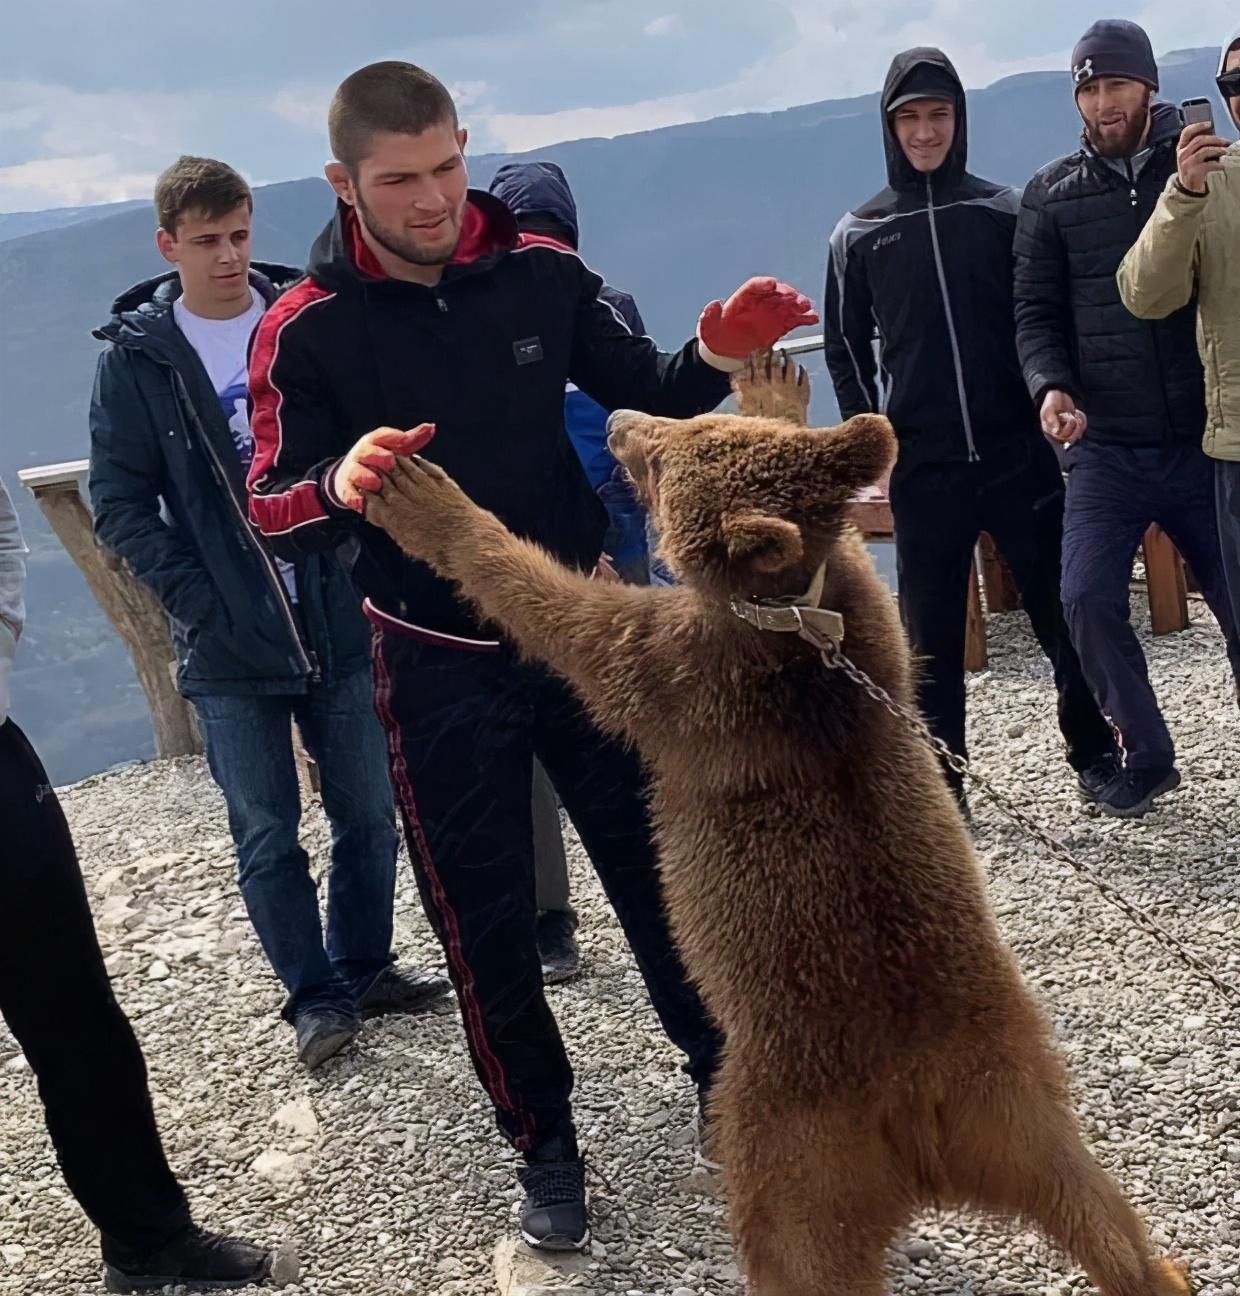 俄罗斯拳王哈比布与狮子拳击,与熊摔跤,但却被一只巨蟒吓得直跑